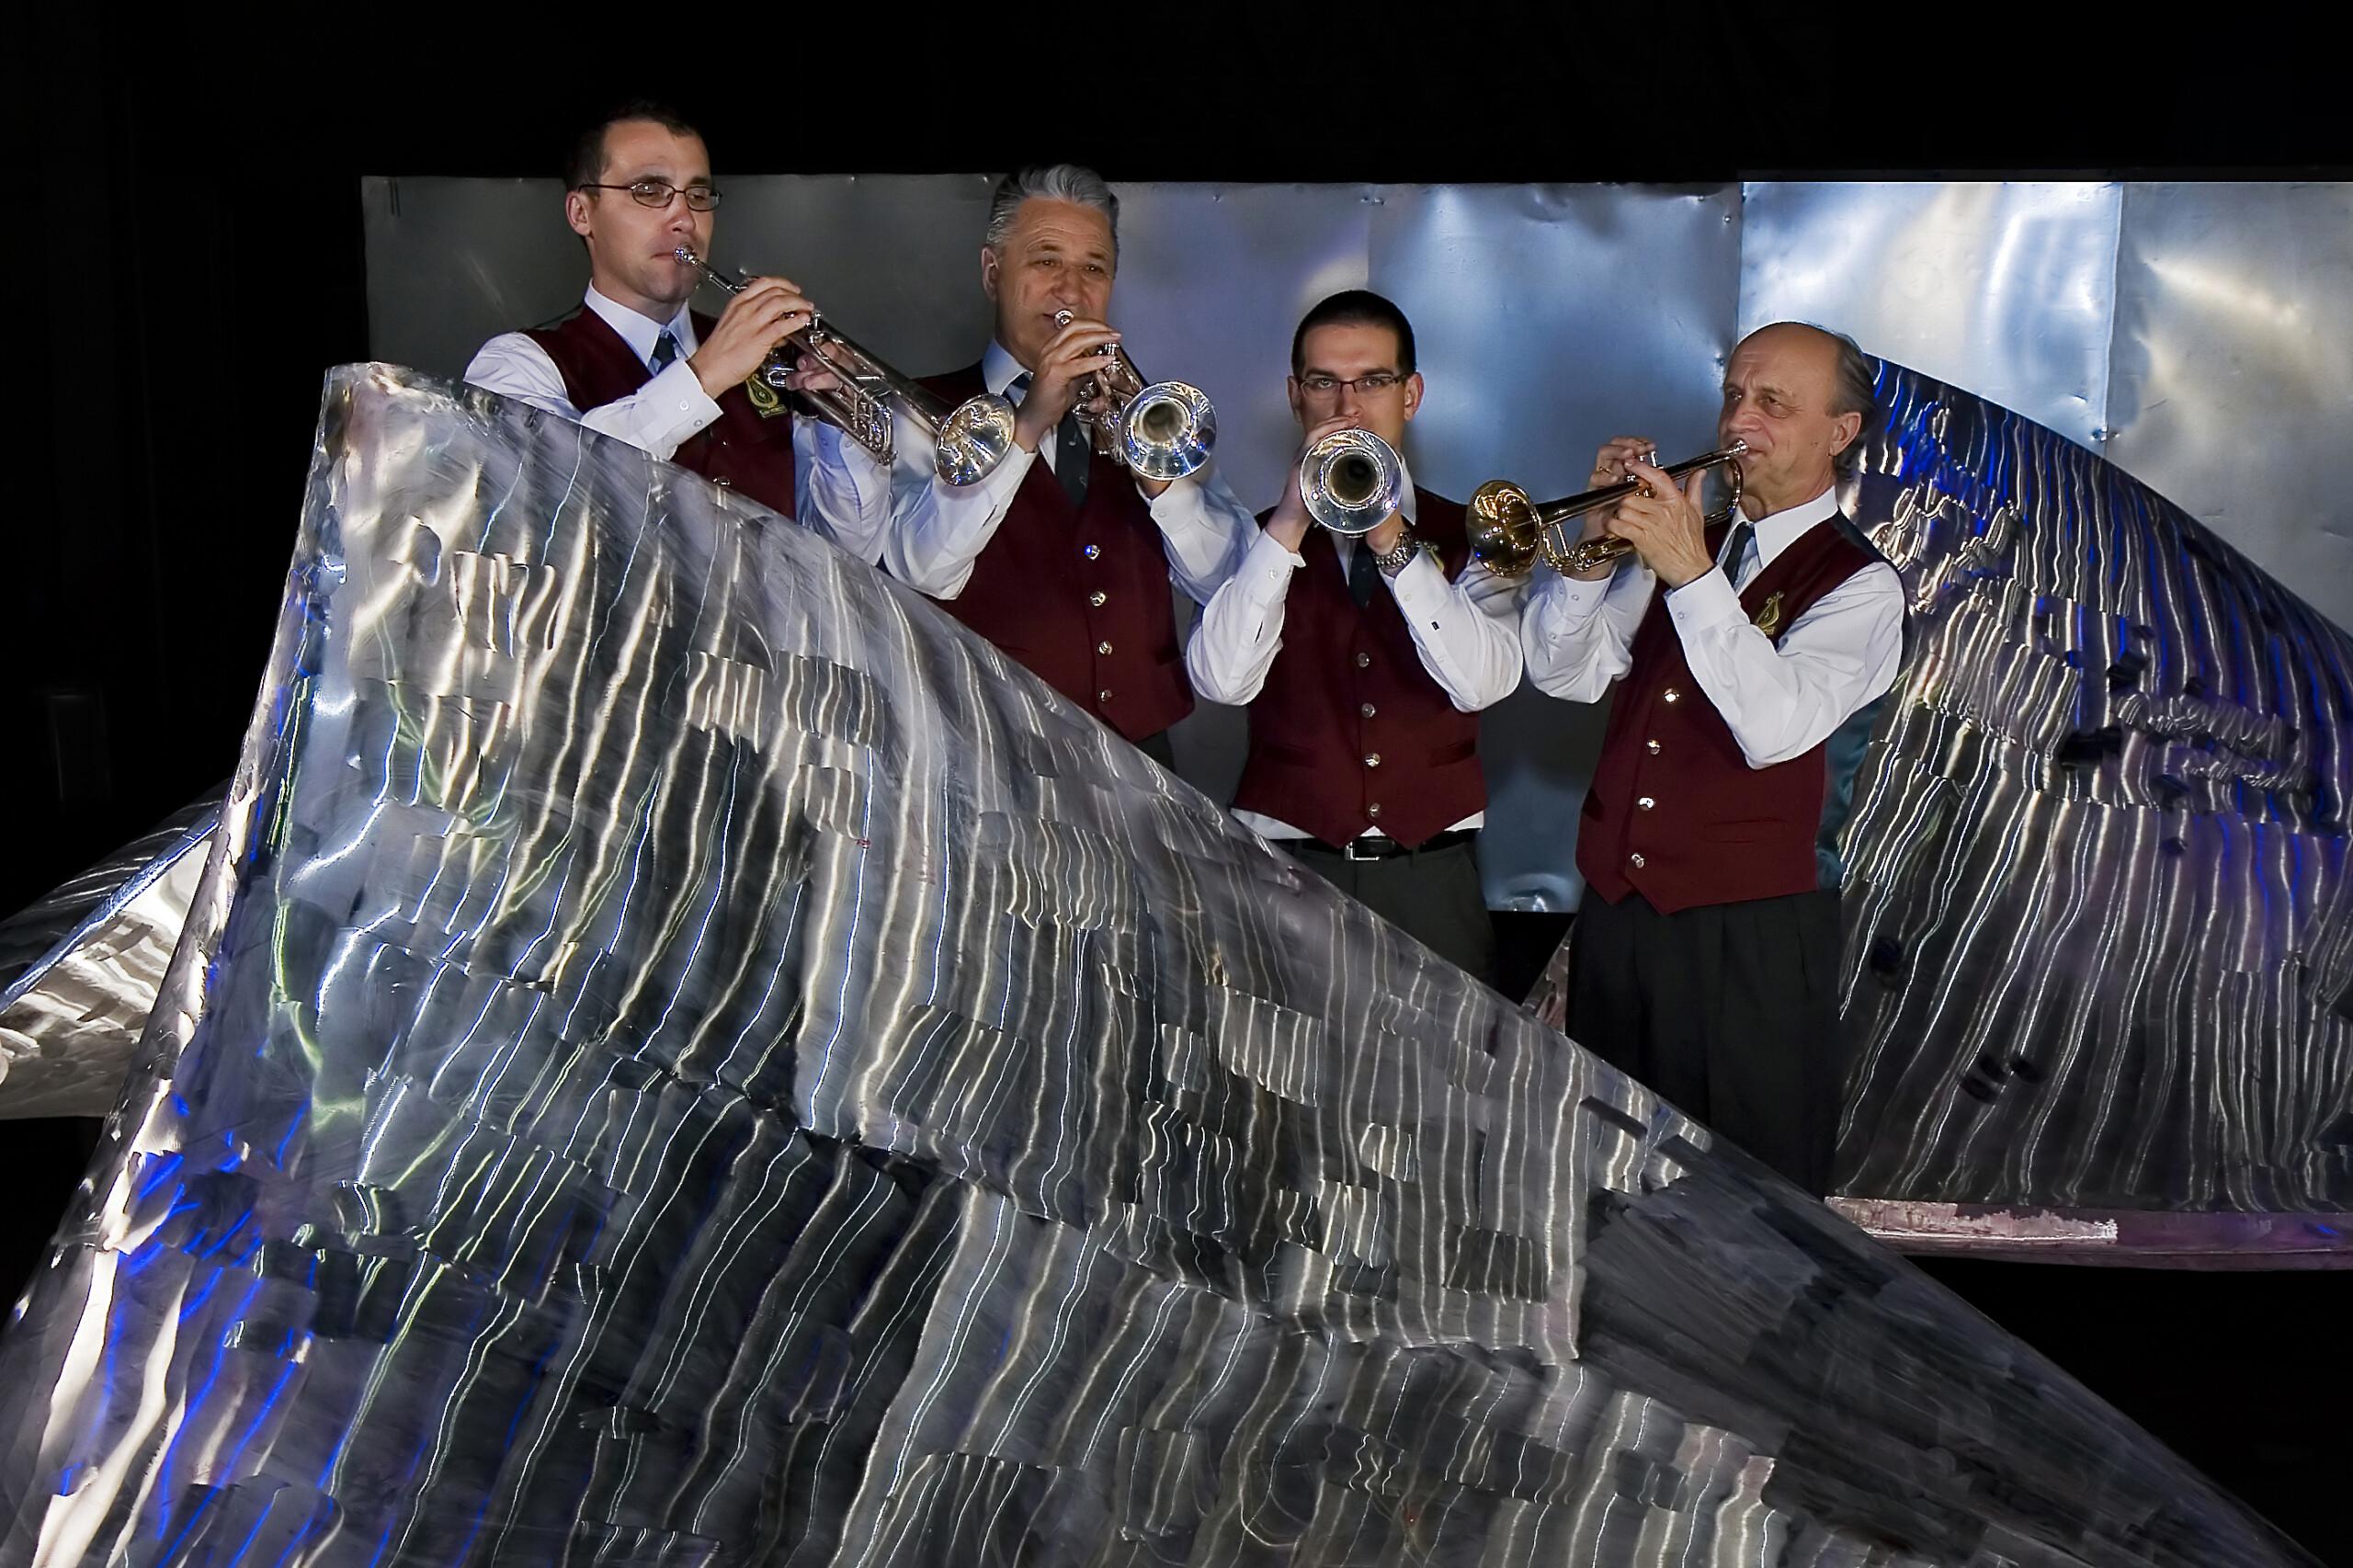 Sekcija trobent leta 2010